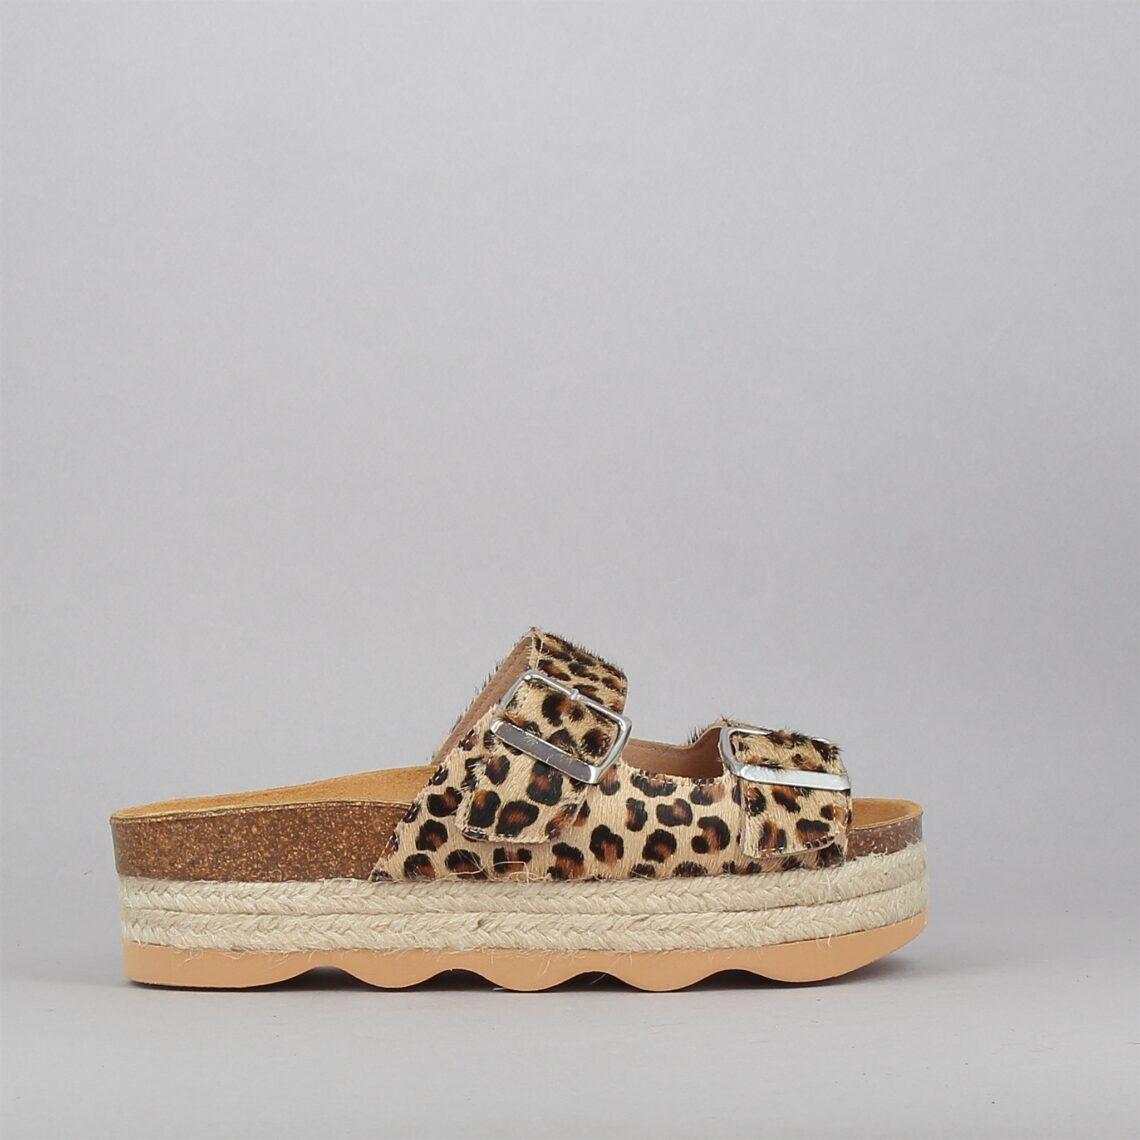 198011-leopard-177111042-0.jpg